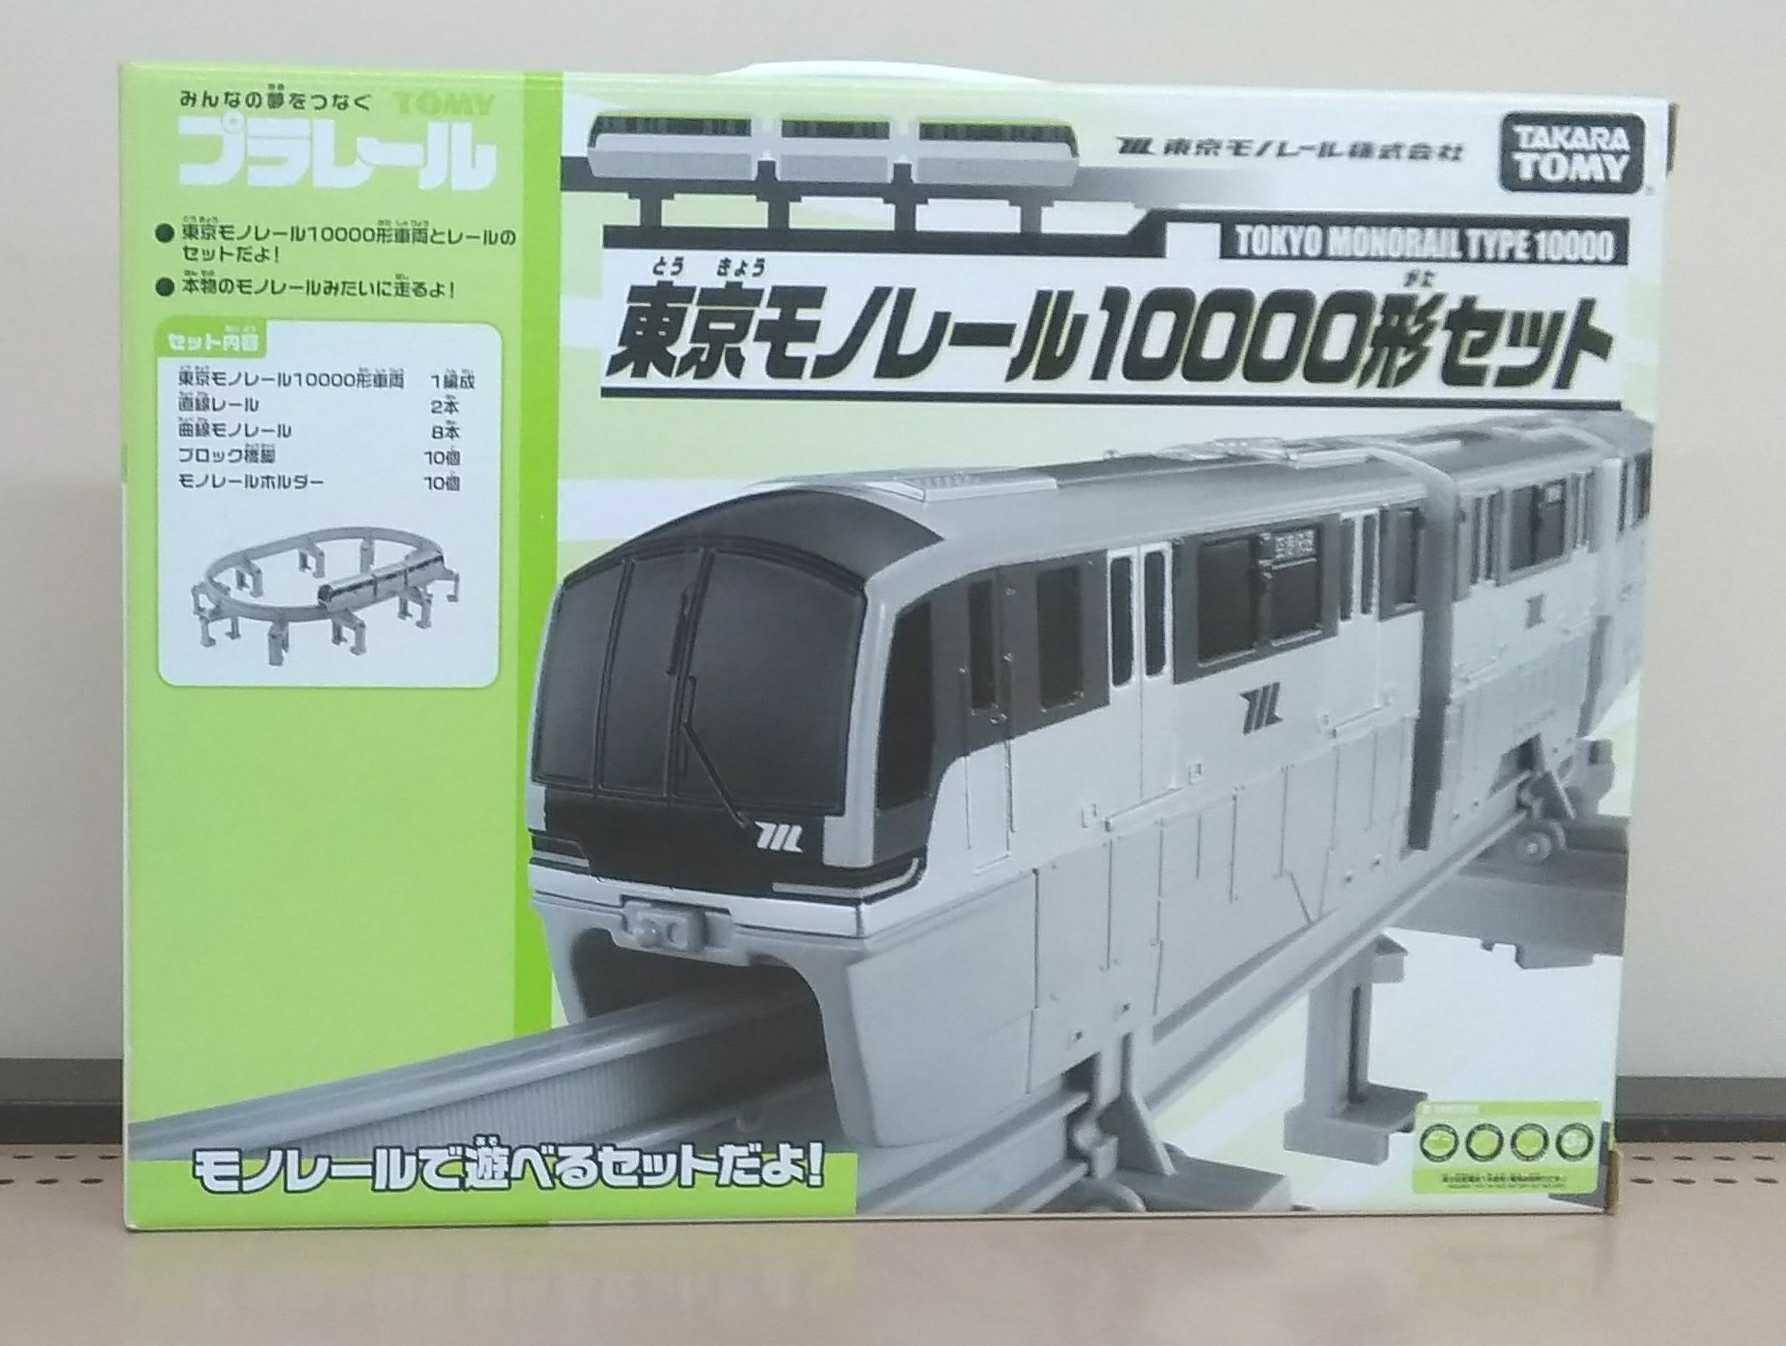 東京モノレール1000形セット|TAKARA TOMY